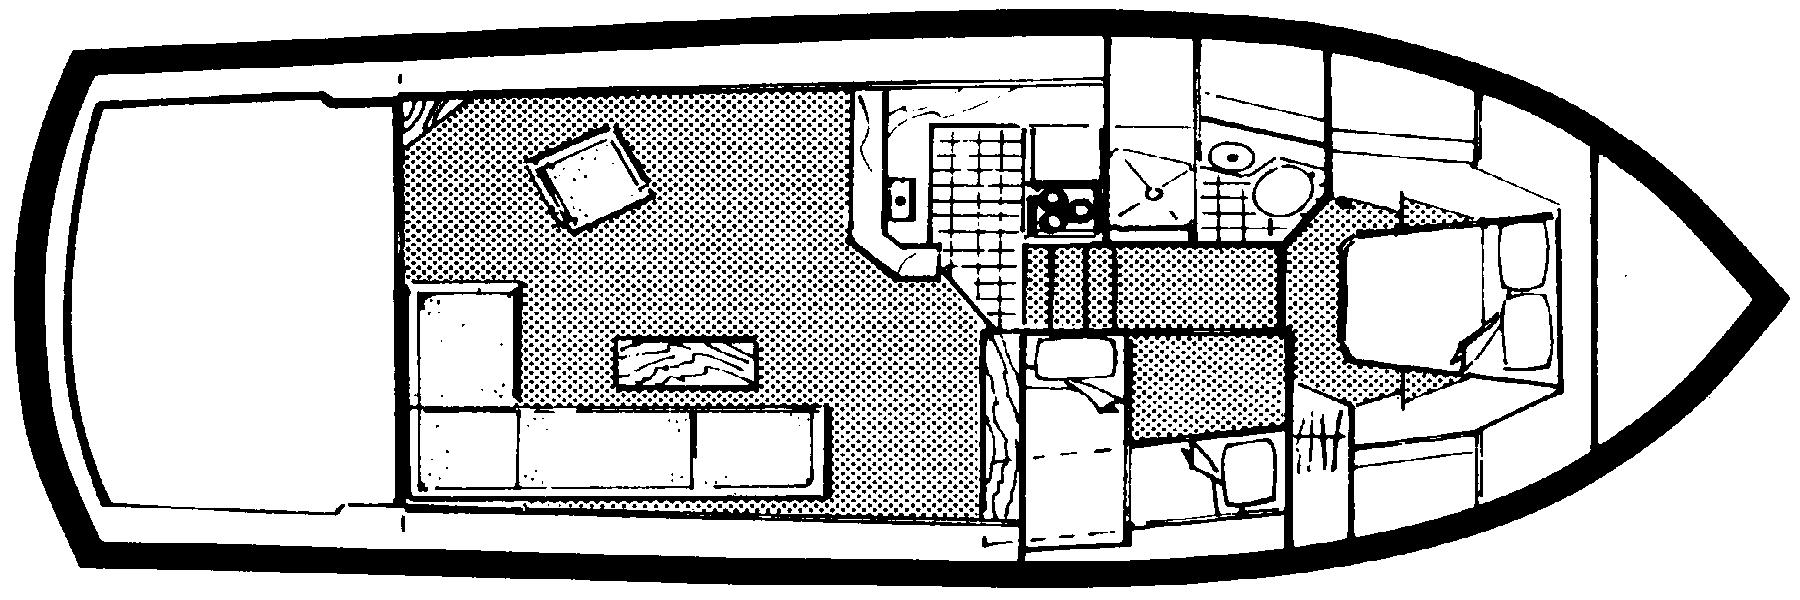 37 Convertible Floor Plan 2